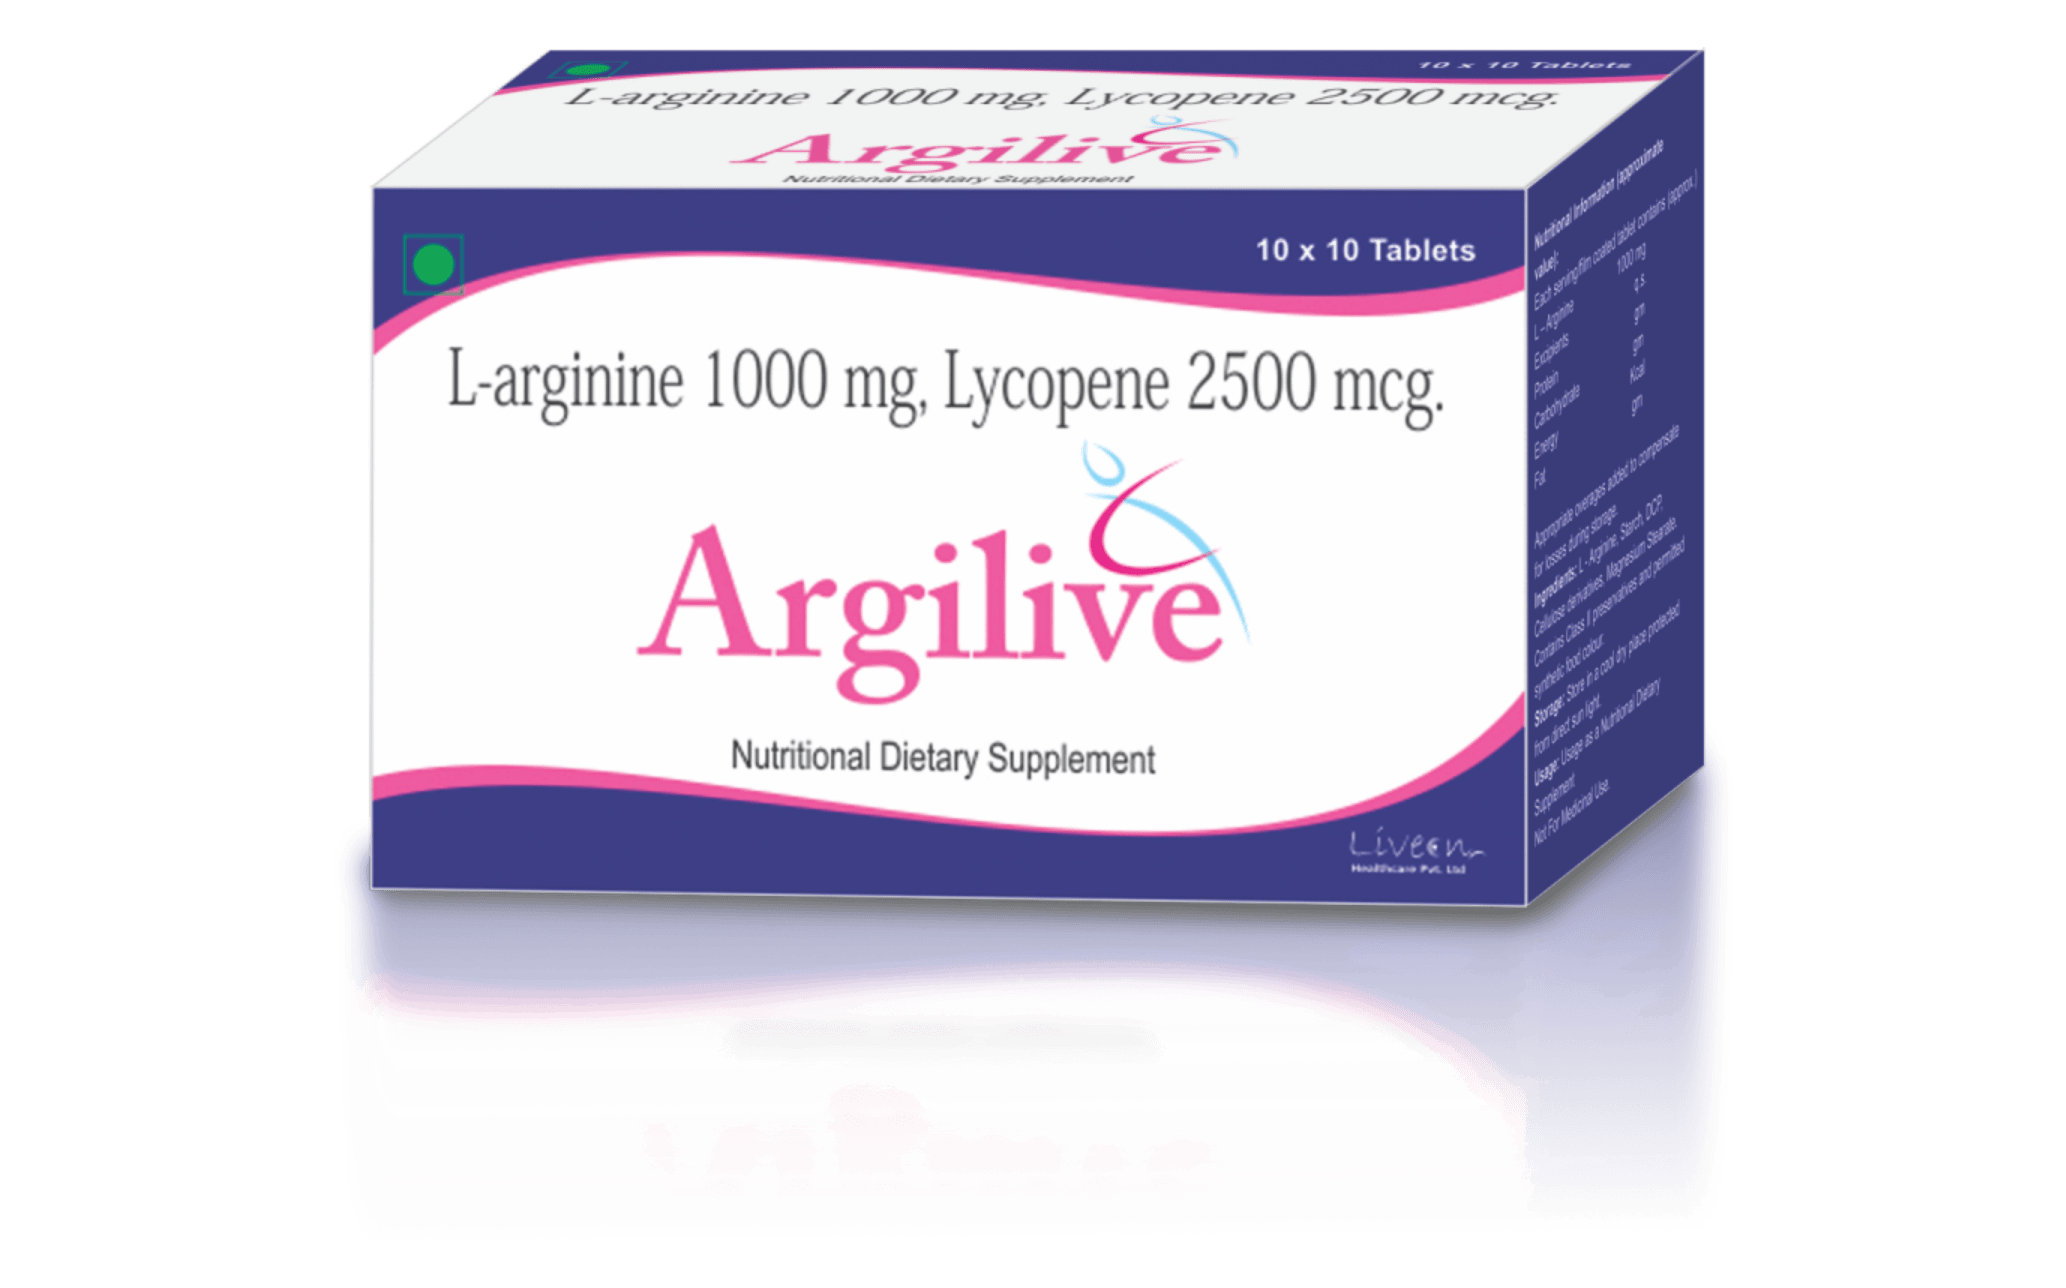 Argilive Tablet